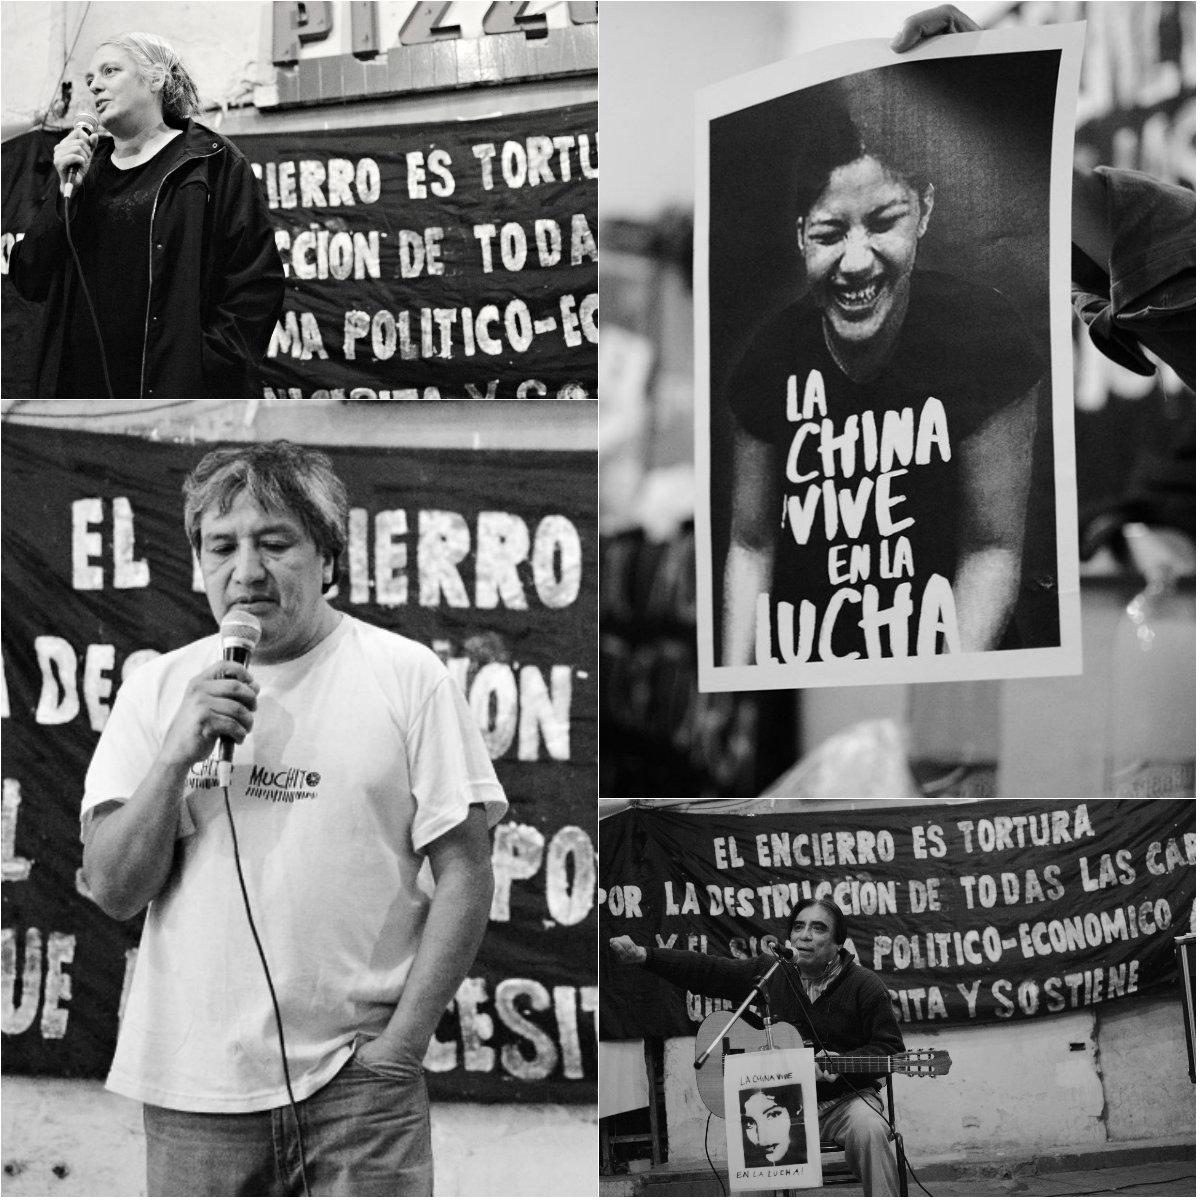 Arriba: La abogada del pueblo, Gabriela